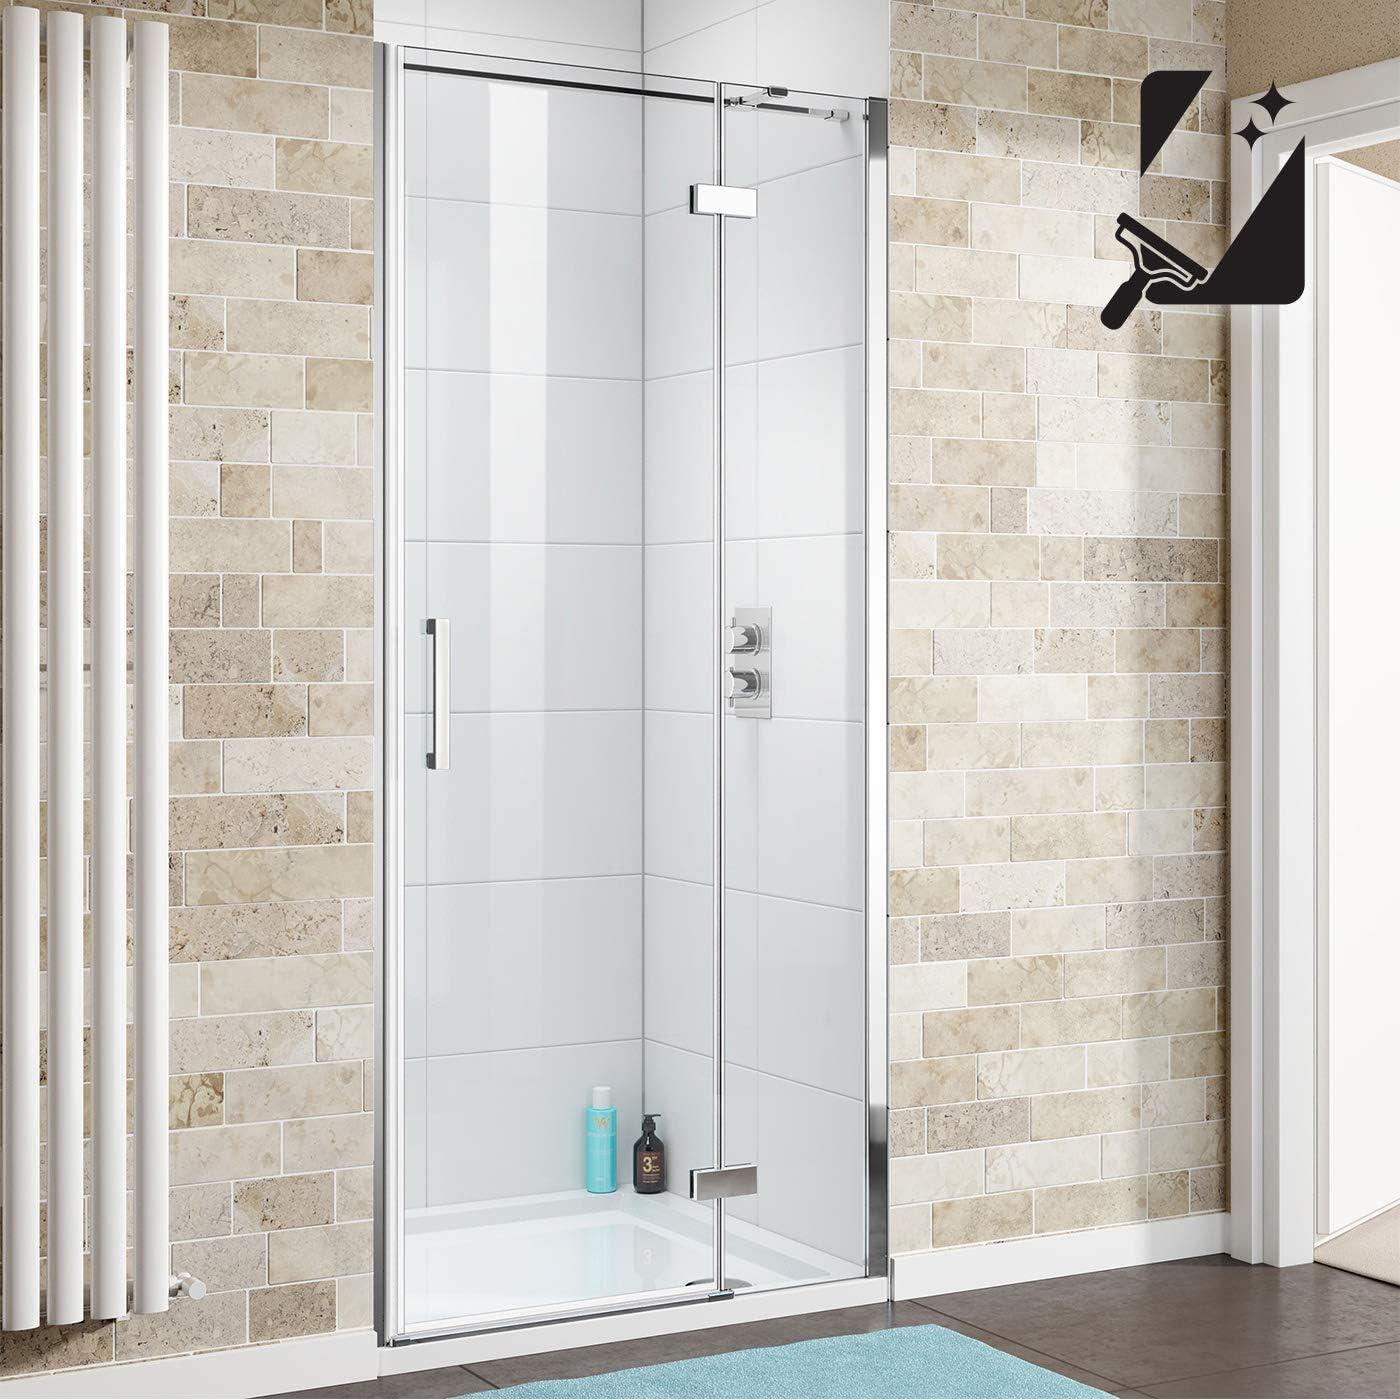 760 x 760 mm baños de estilo moderno con bisagras fácil de limpiar ...